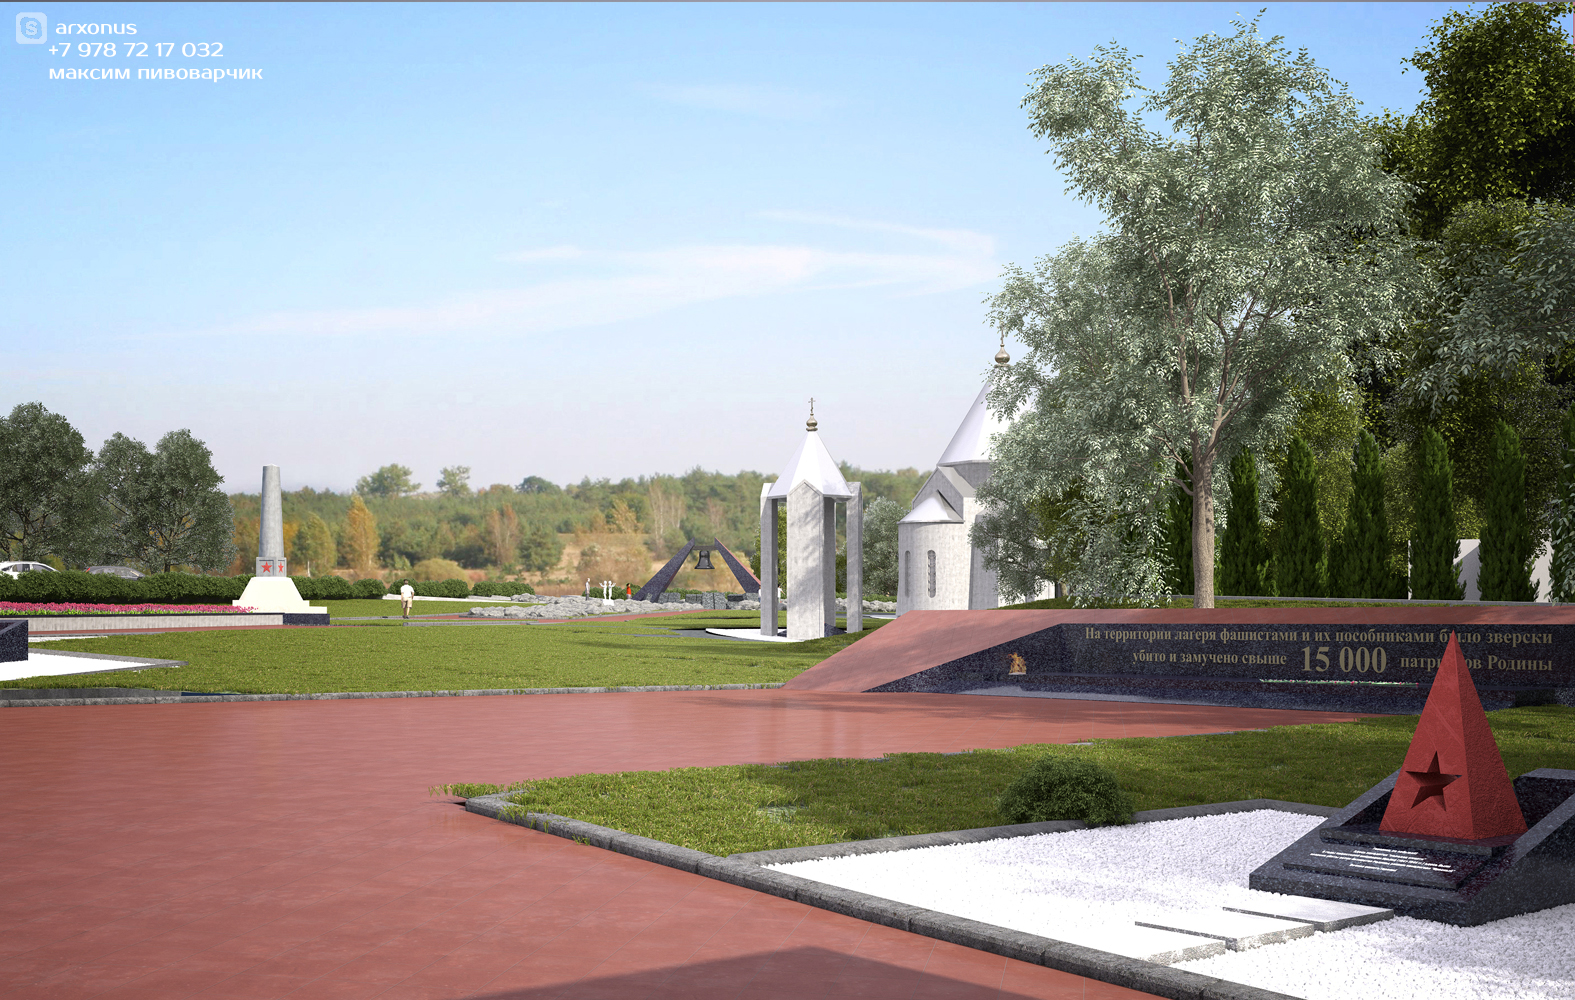 Мемориал памяти (вид от музея)